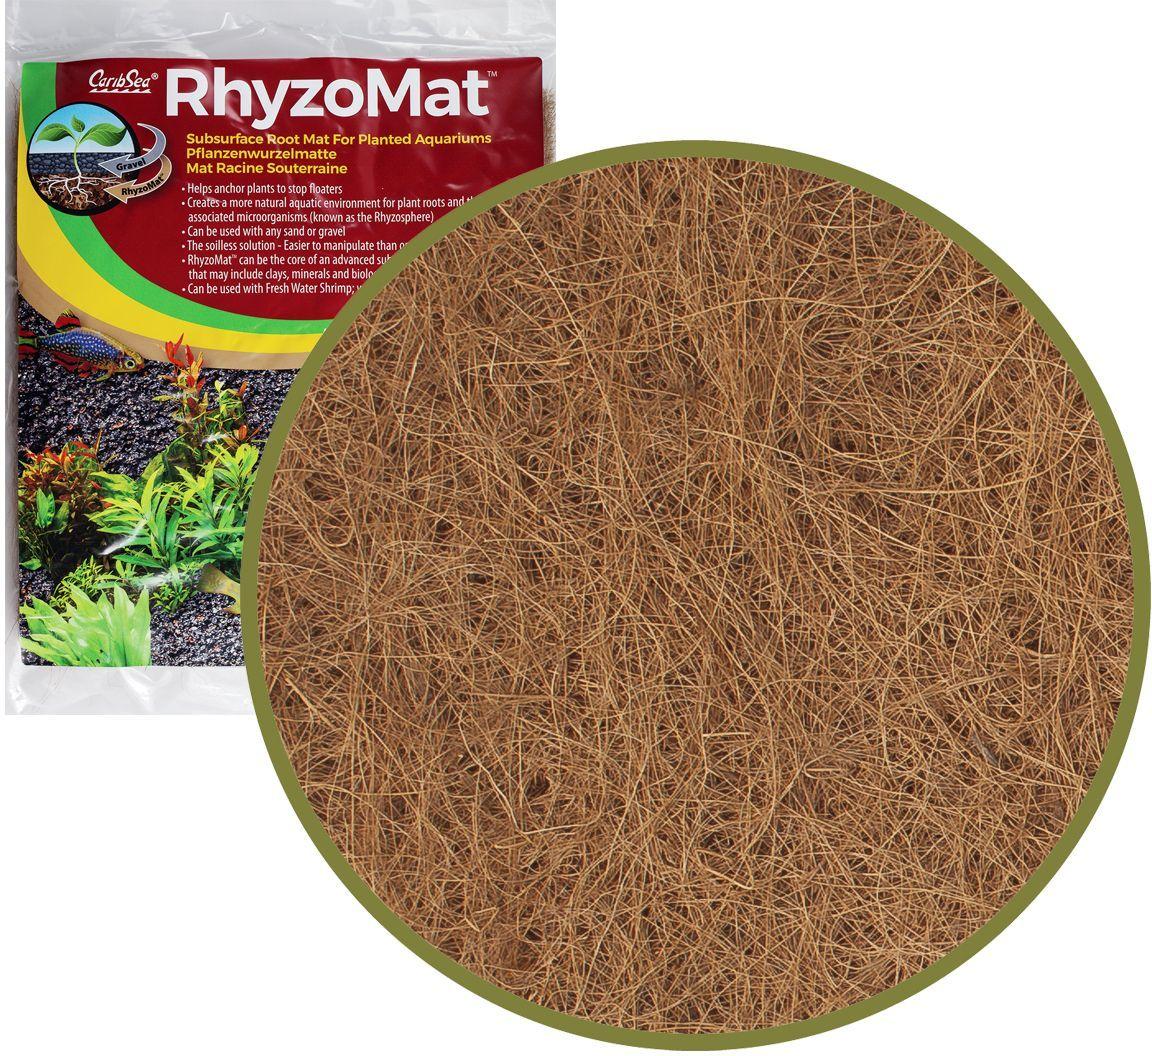 Мат подгрунтовый корневой Caribsea , 30 x 60 см0120710Натуральный волокнистый мат помогает растениям закрепить корни и создать естественную водную среду для корней и связанных с ними микроорганизмов. Может использоваться с любым песком или гравием. Не повышает pH. Может быть разрезан или разорван на нужные размеры.